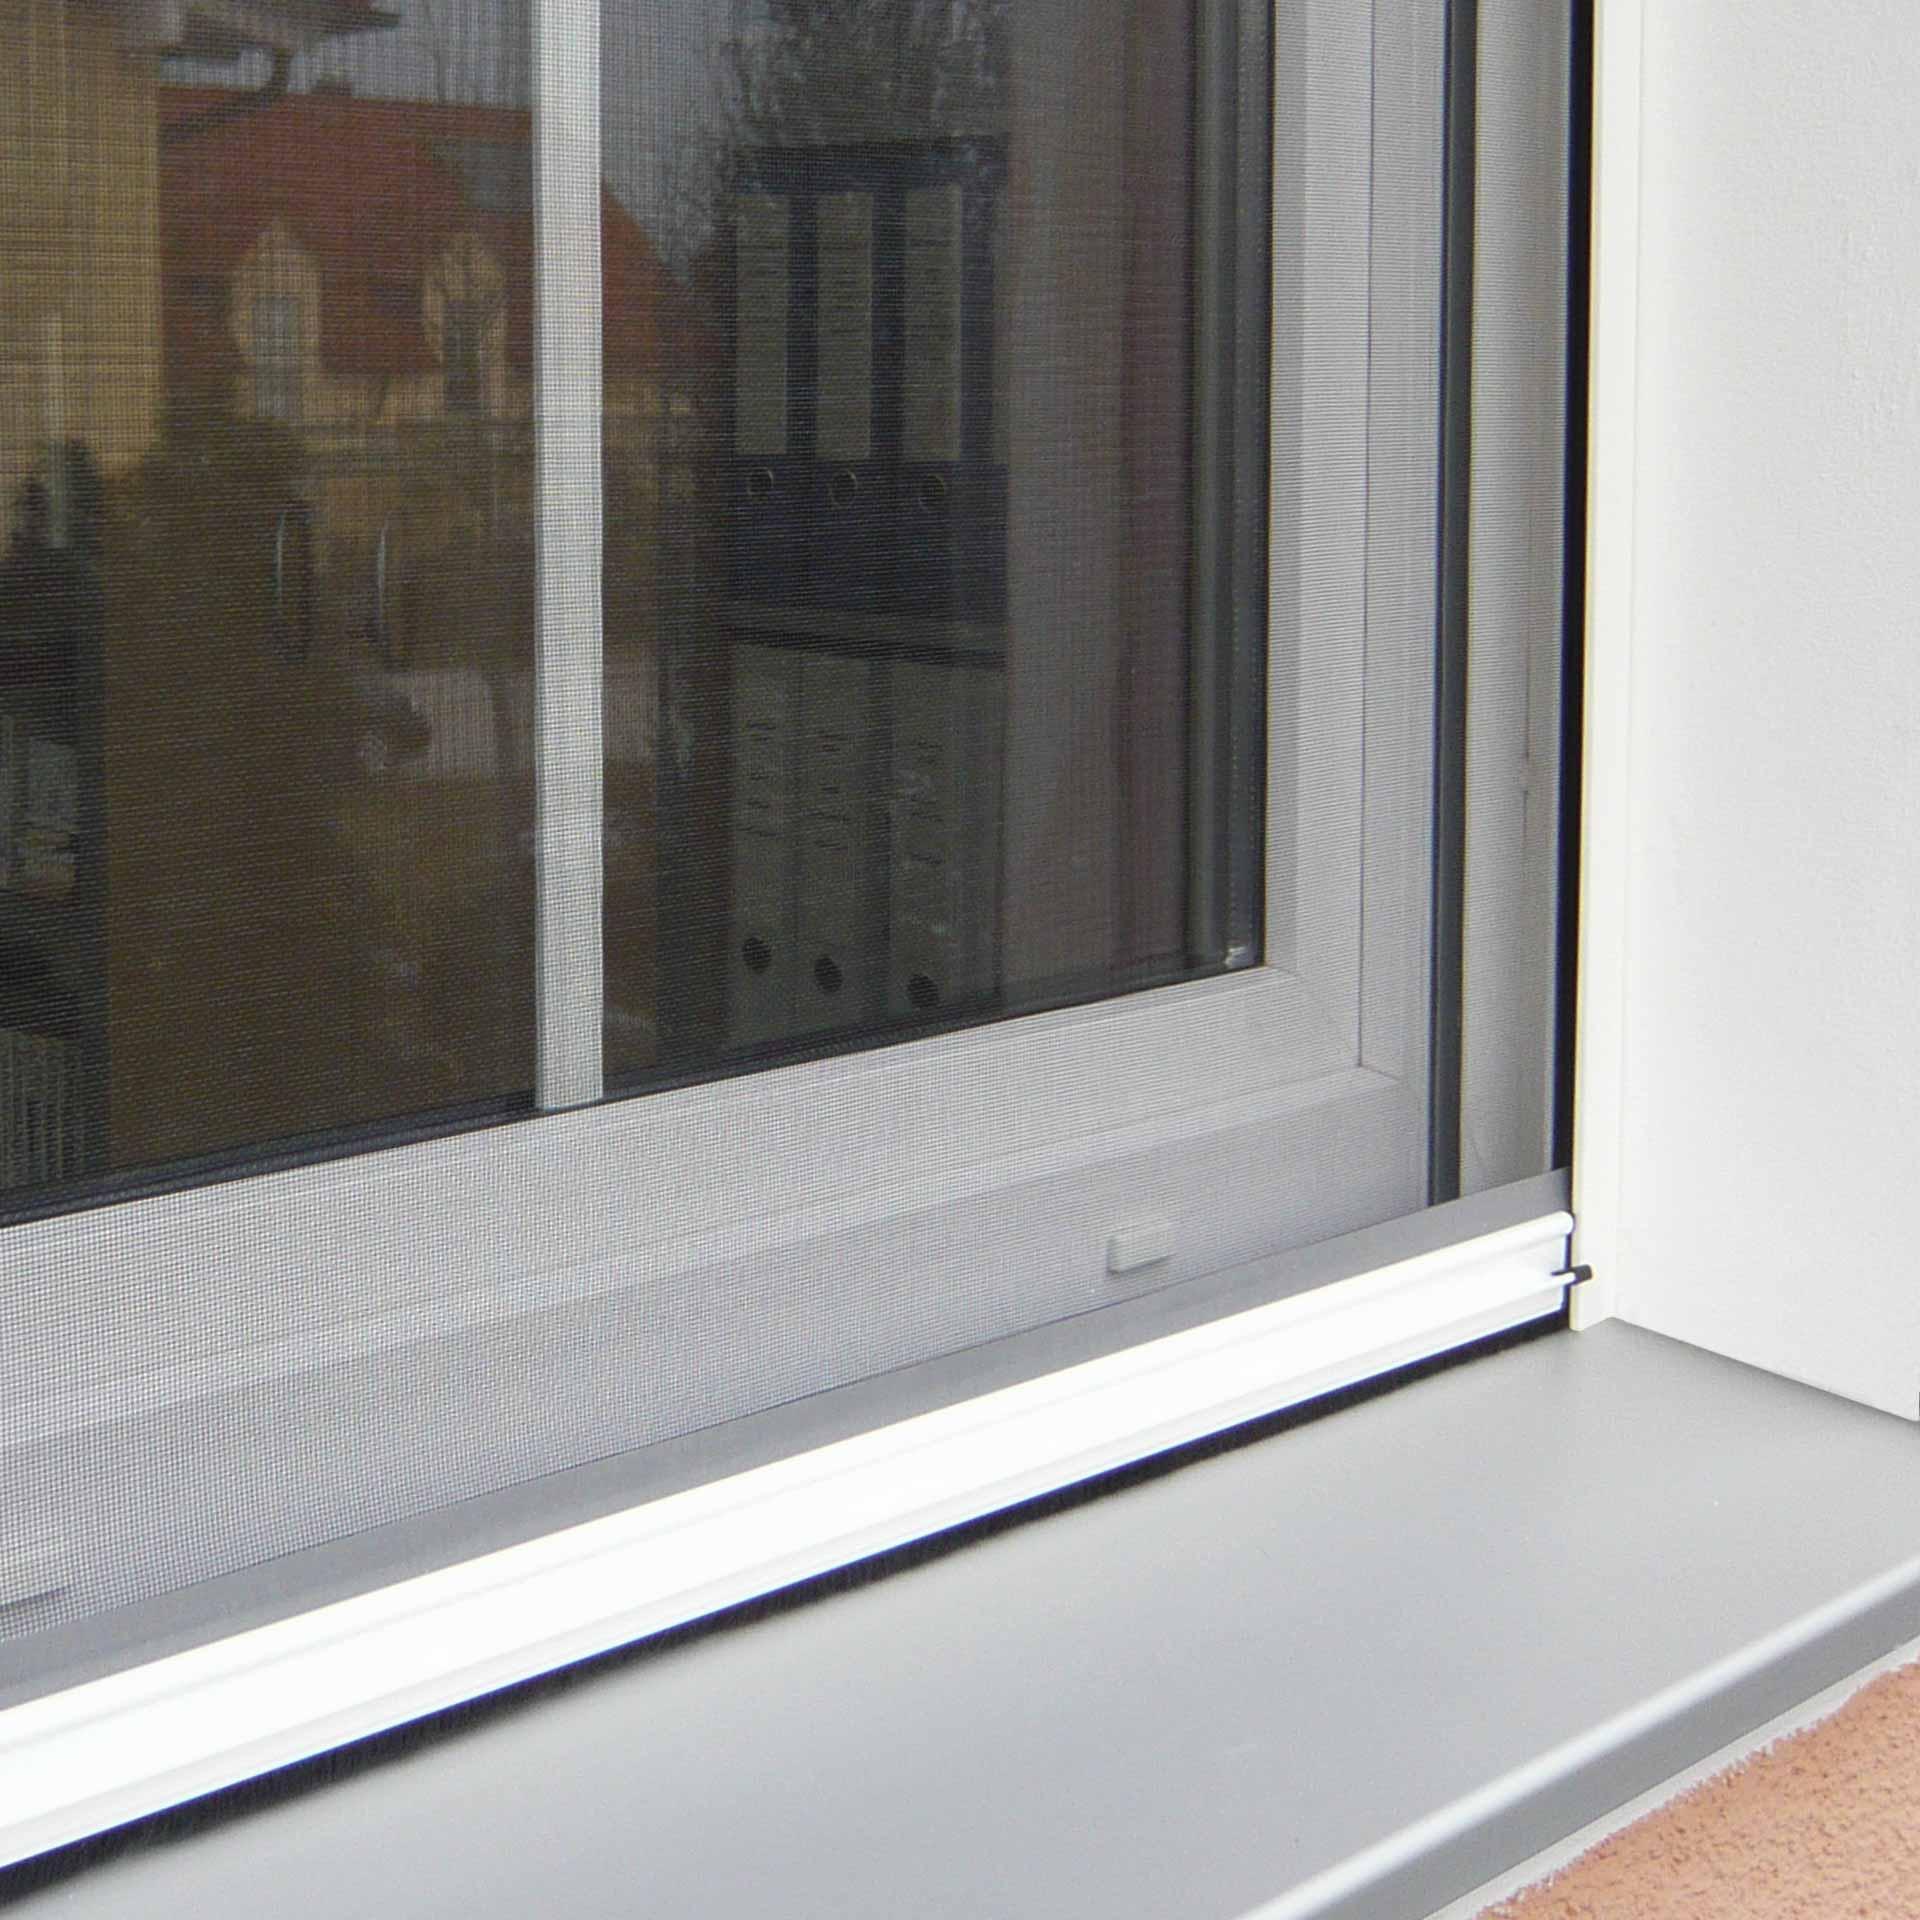 Insektenschutzrollo für Fenster | Rollokasten auch zum Einklemmen | Adria